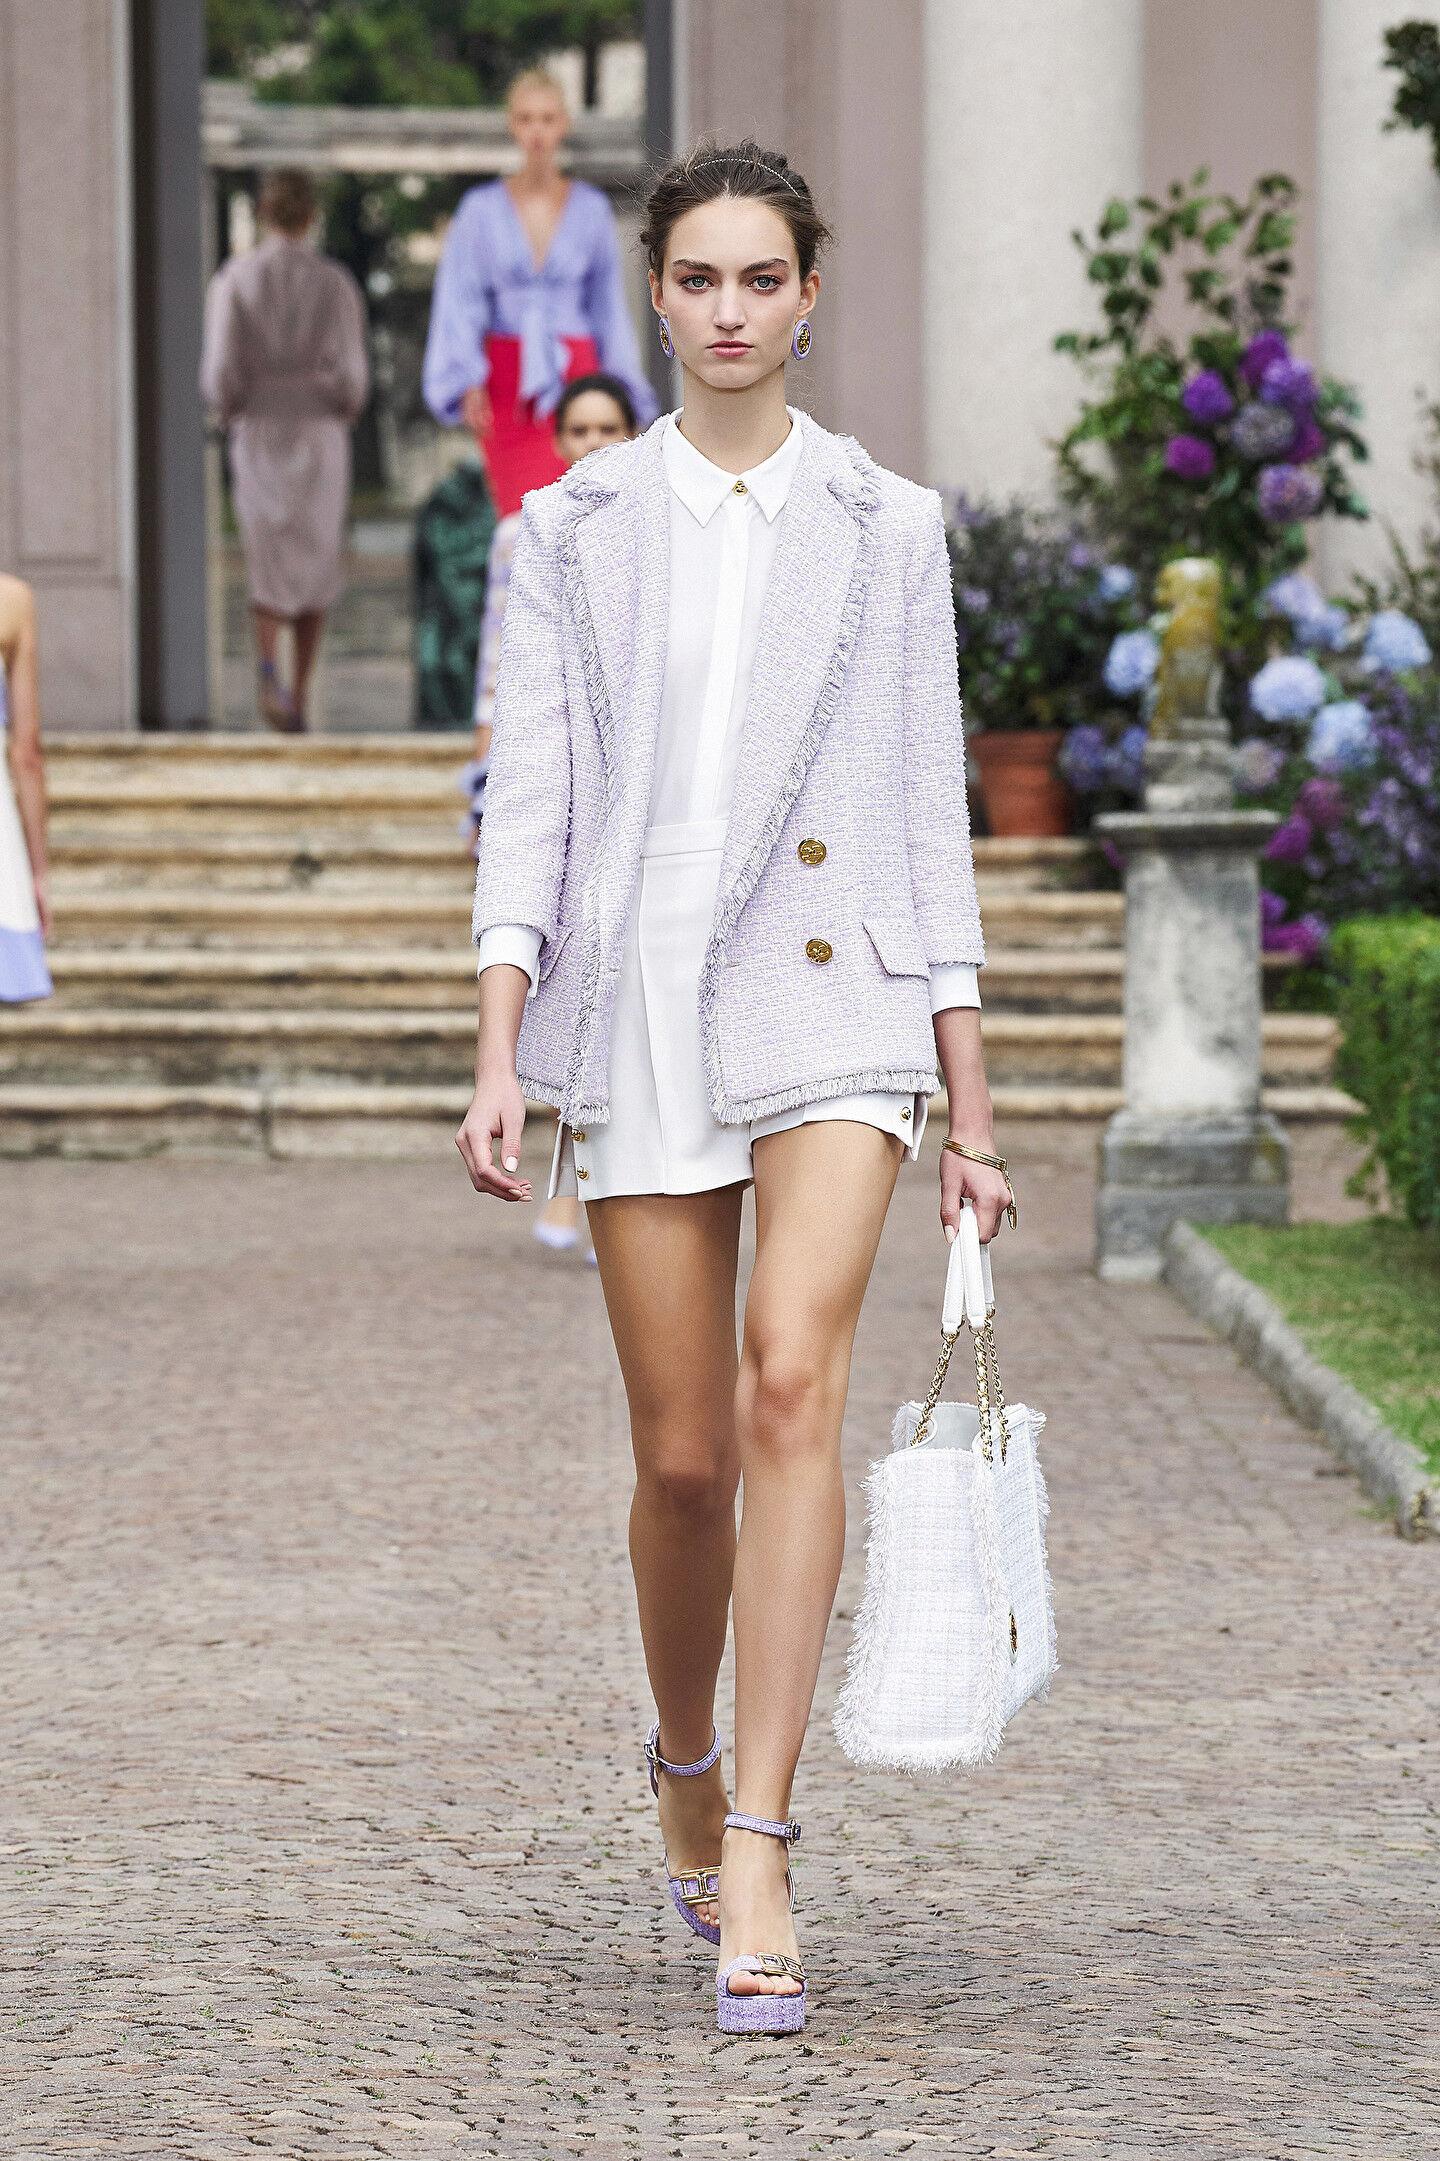 Double-Breasted 3/4 Sleeve Tweed Jacket - Elisabetta Franchi